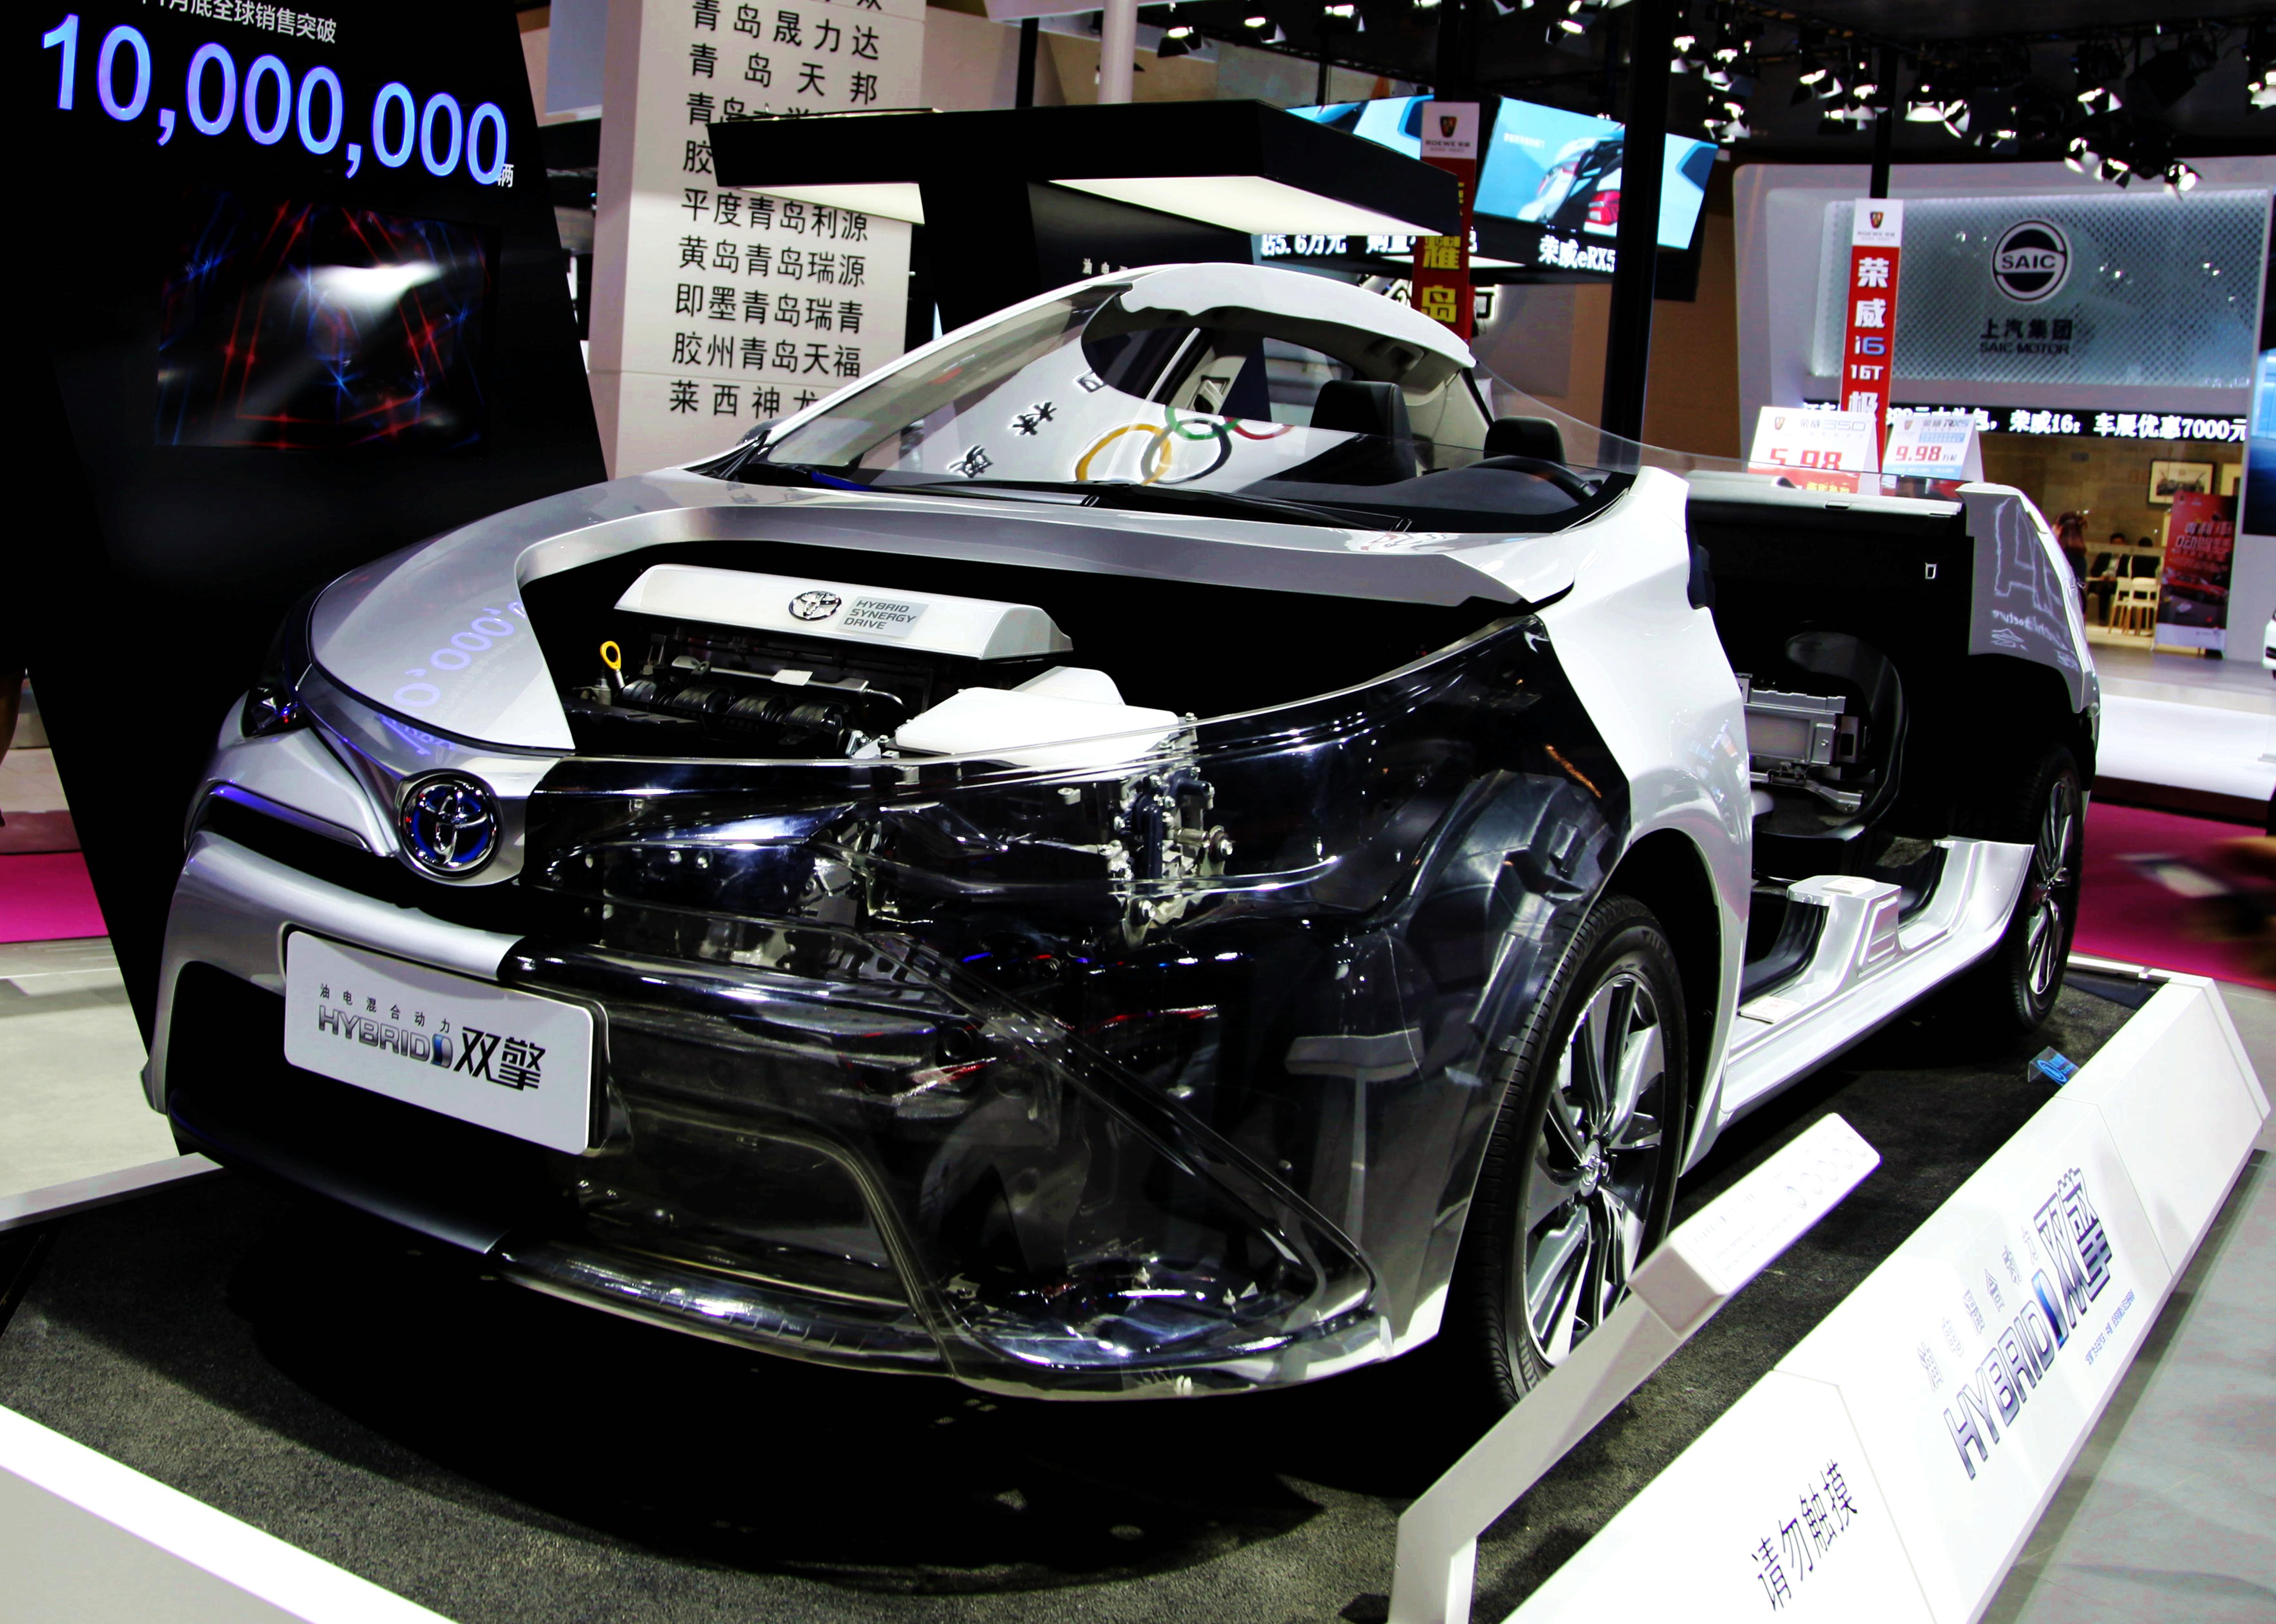 2017車展上的新能源雙引擎豐田車wps圖片